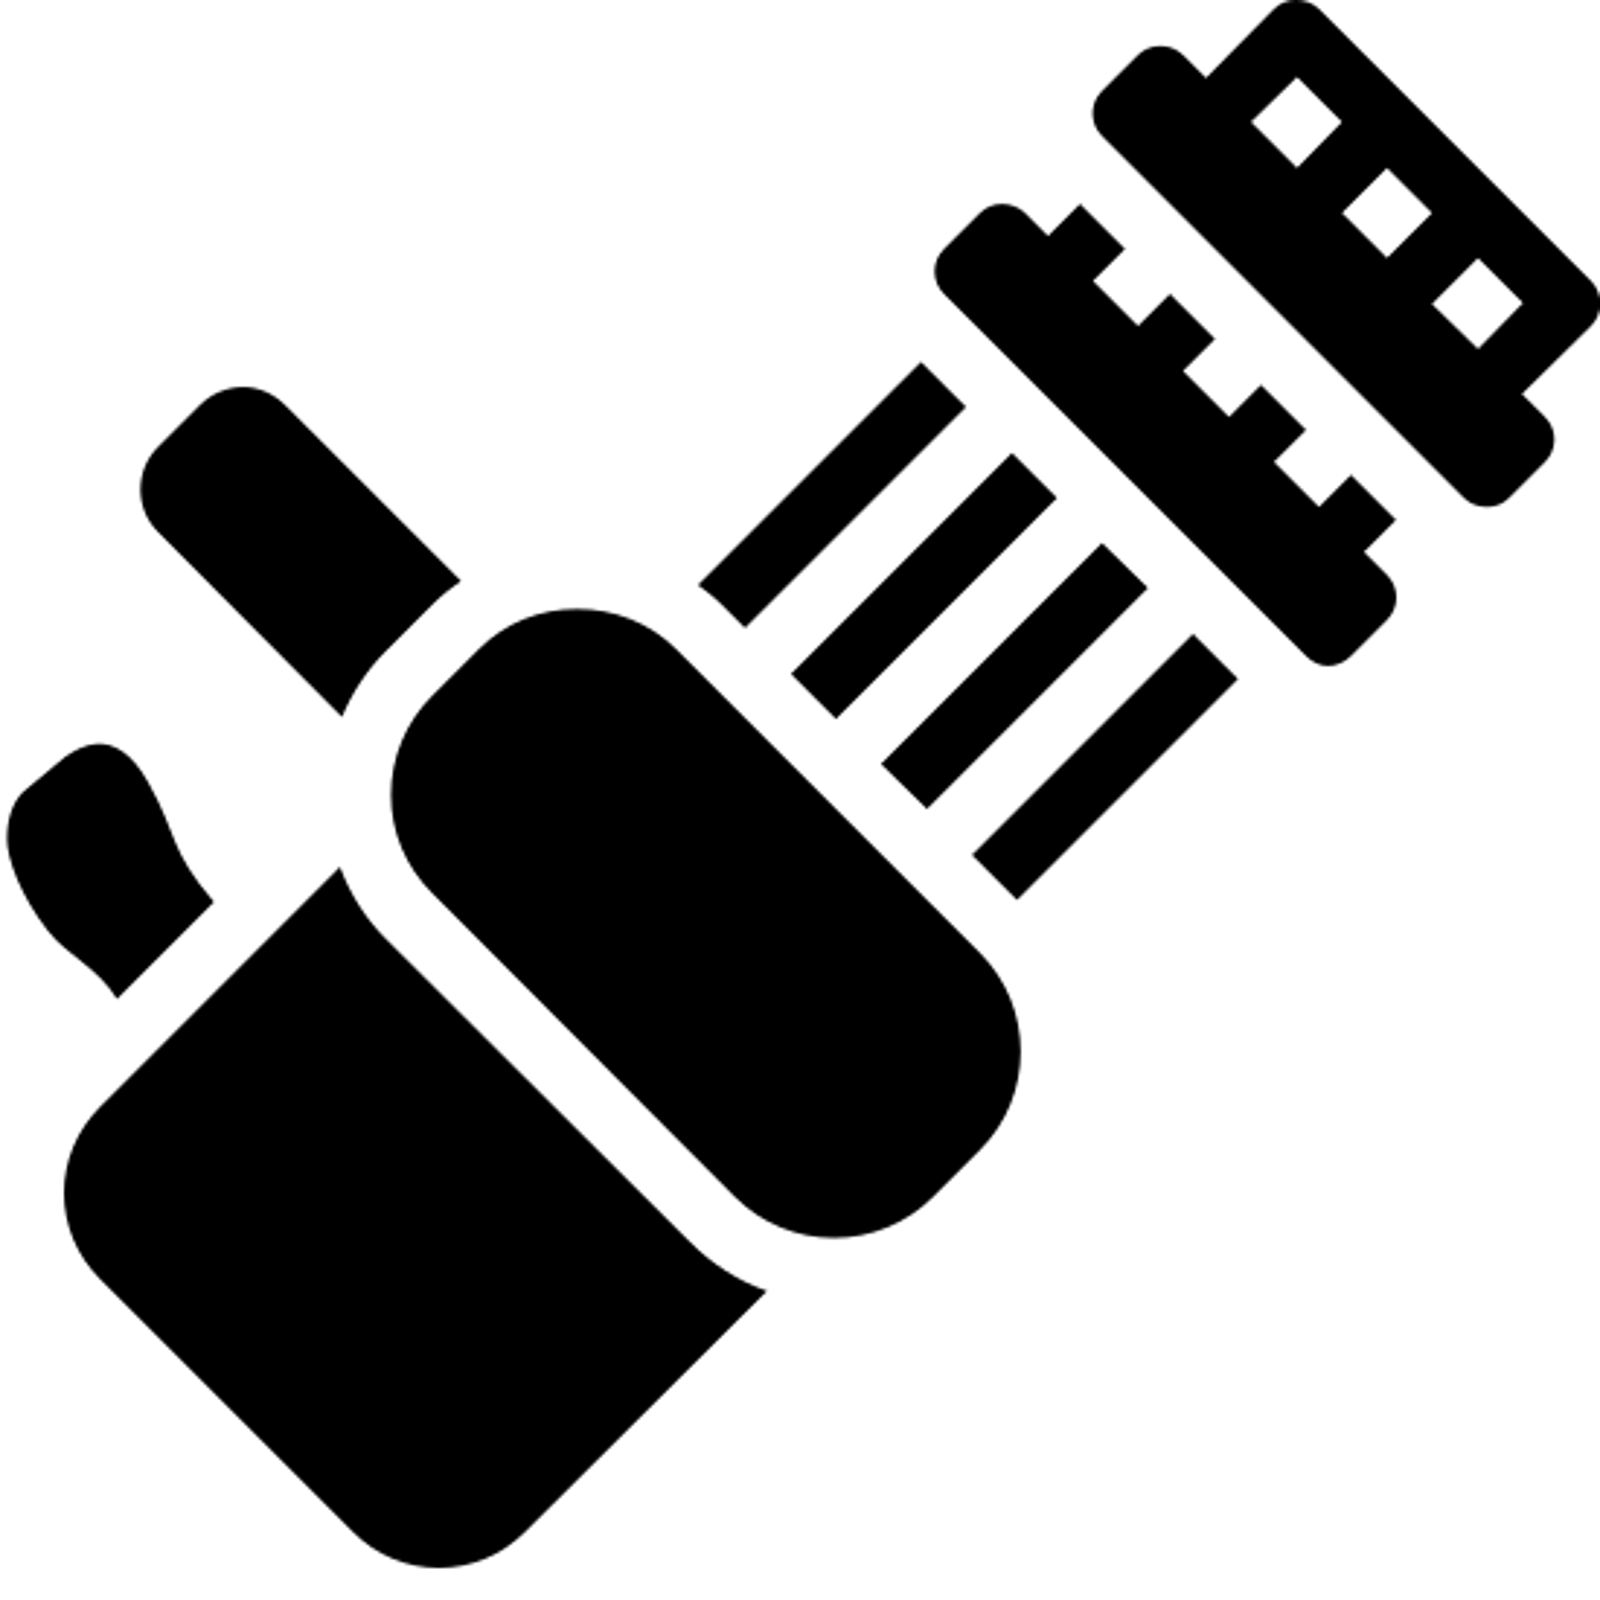 Gatling Gun Filled icon